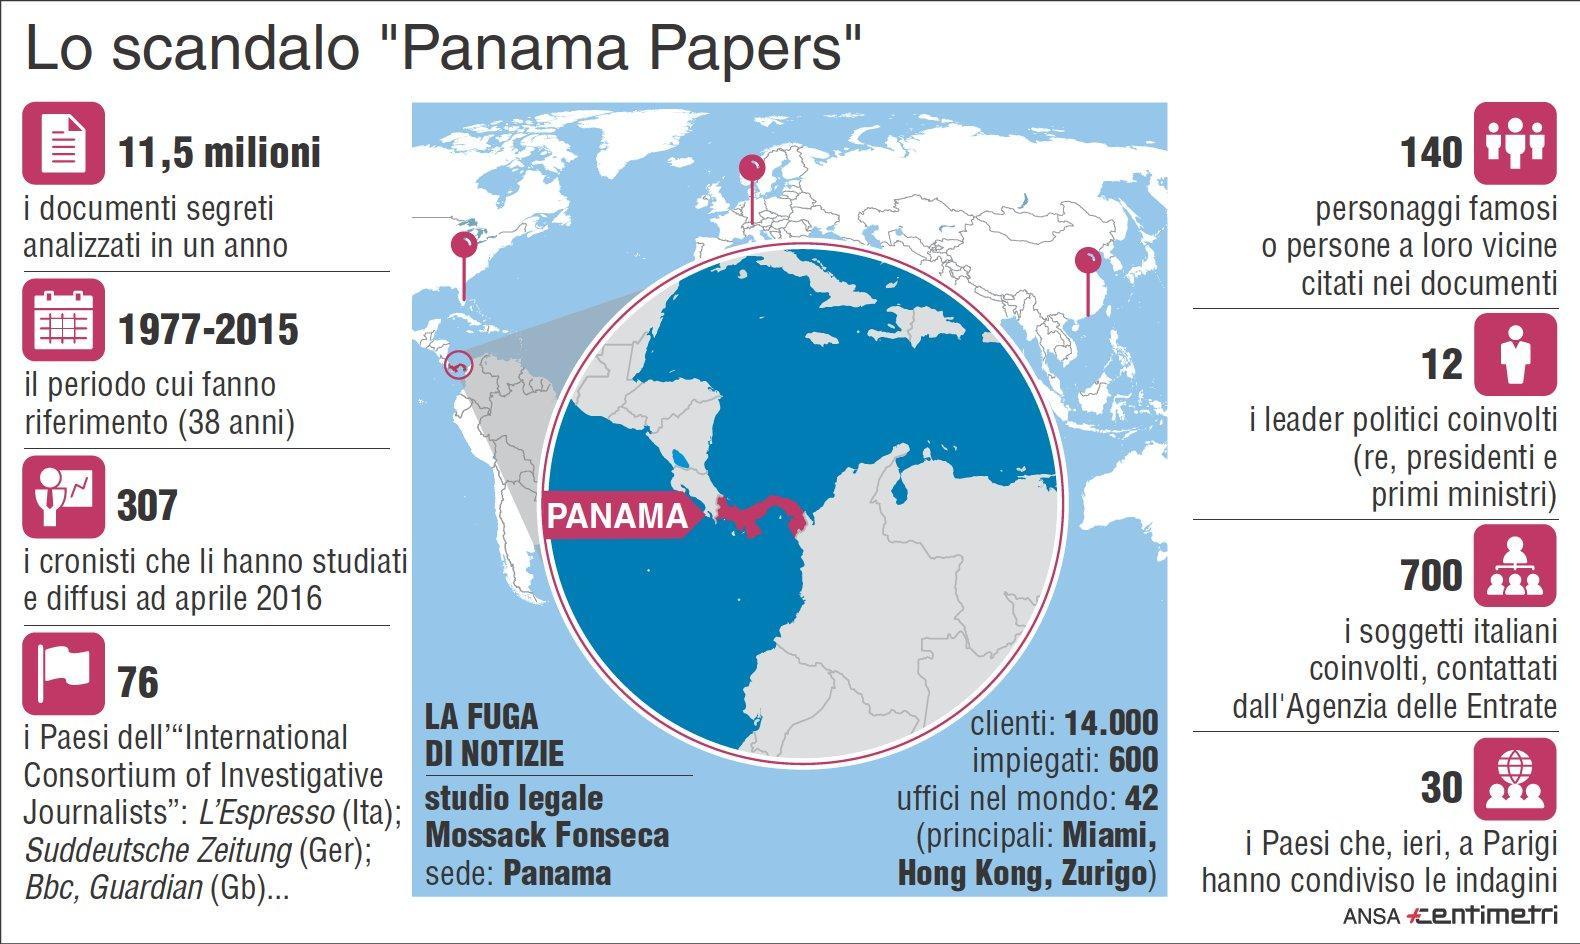 Panama Papers, 700 italiani nel mirino del Fisco